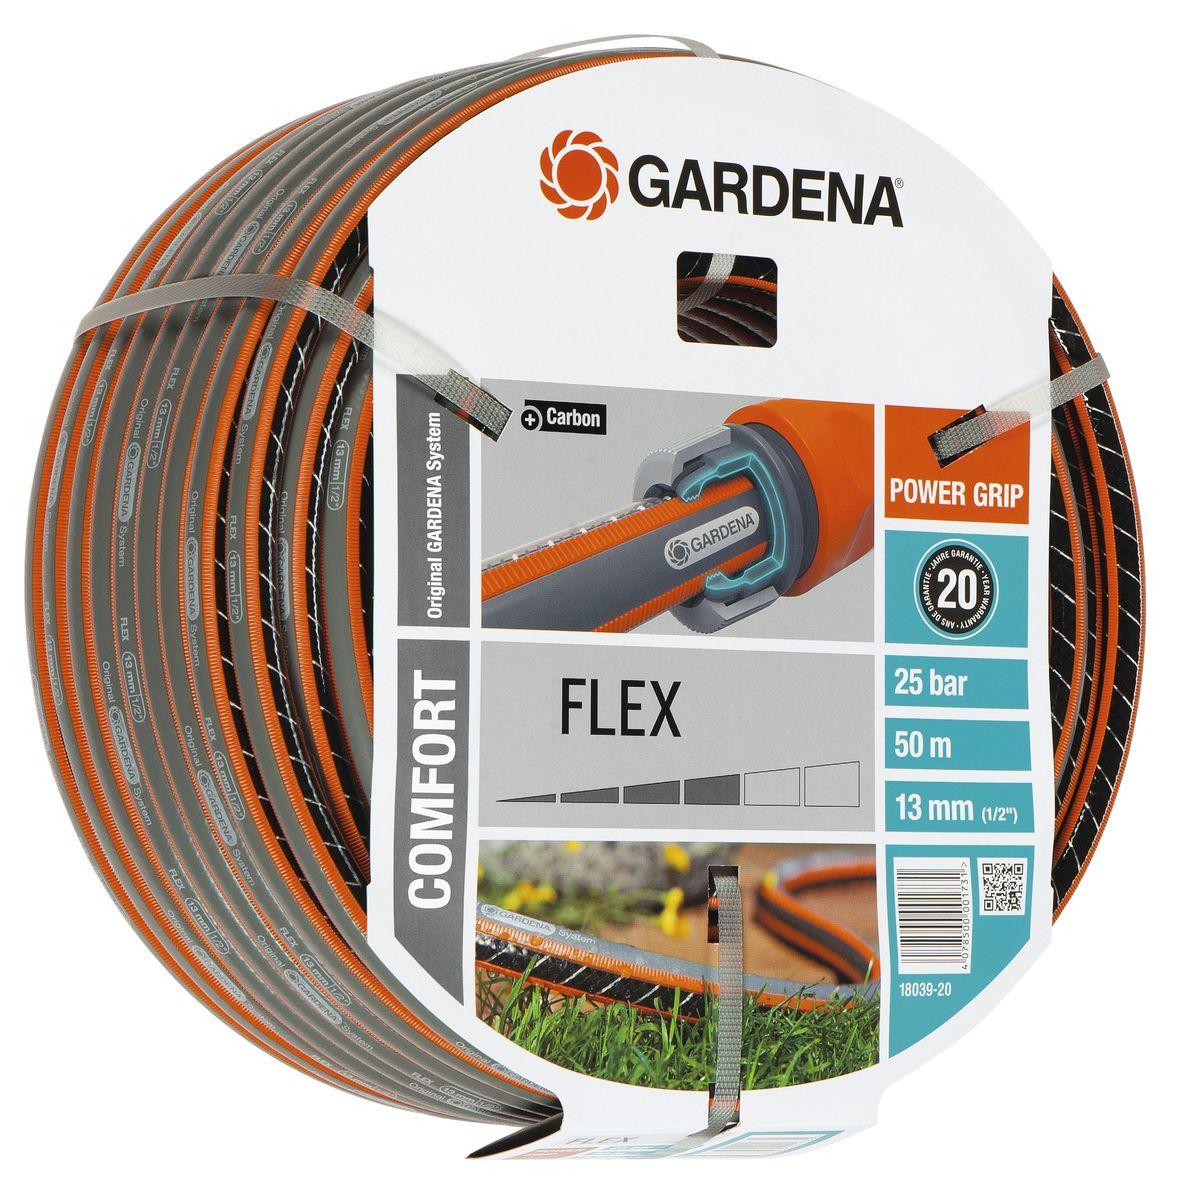 Шланг Gardena Flex, диаметр 1/2, длина 50 м18039-20.000.00Шланг Gardena Flex с ребристым профилем Power Grip подходит для идеального соединения с коннекторами базовой системы полива. Устойчив к высокому давлению и сохраняет формы благодаря спиралевидному текстильному армированию, усиленному углеродом.Не перегибается, не спутывается.